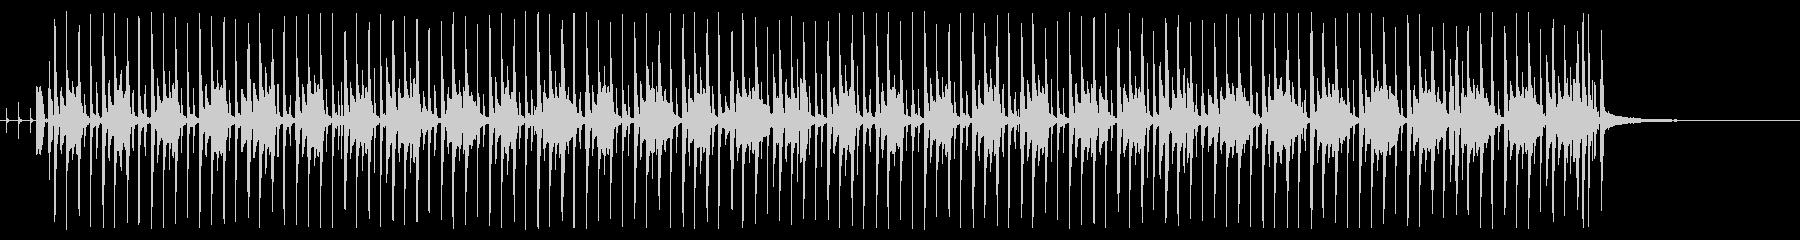 使いやすいファンク ベース無し版の未再生の波形